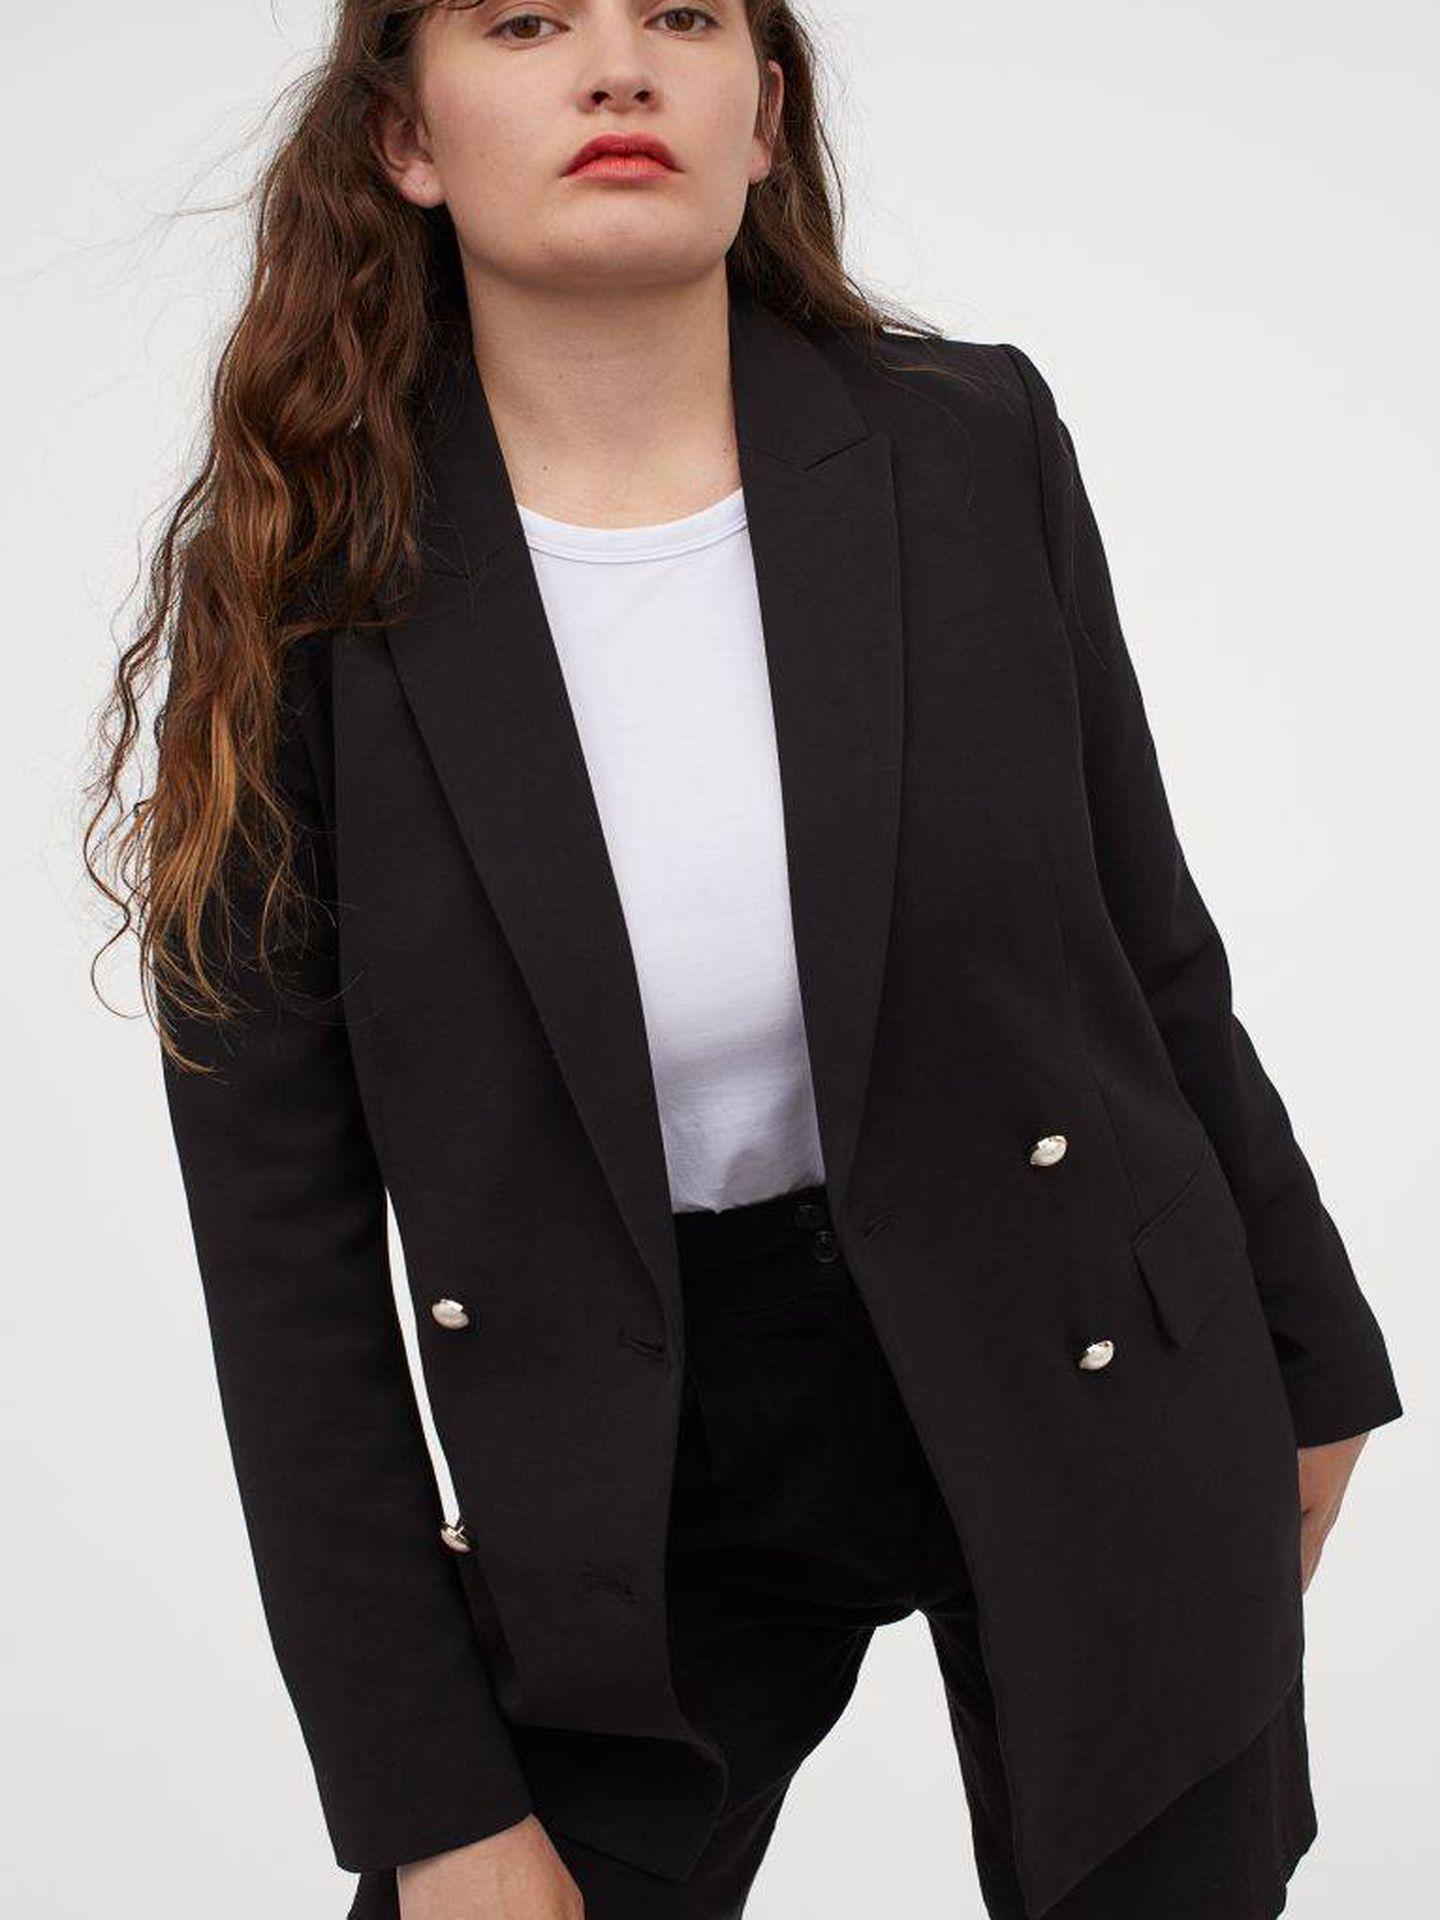 El traje de chaqueta de HyM. (Cortesía)